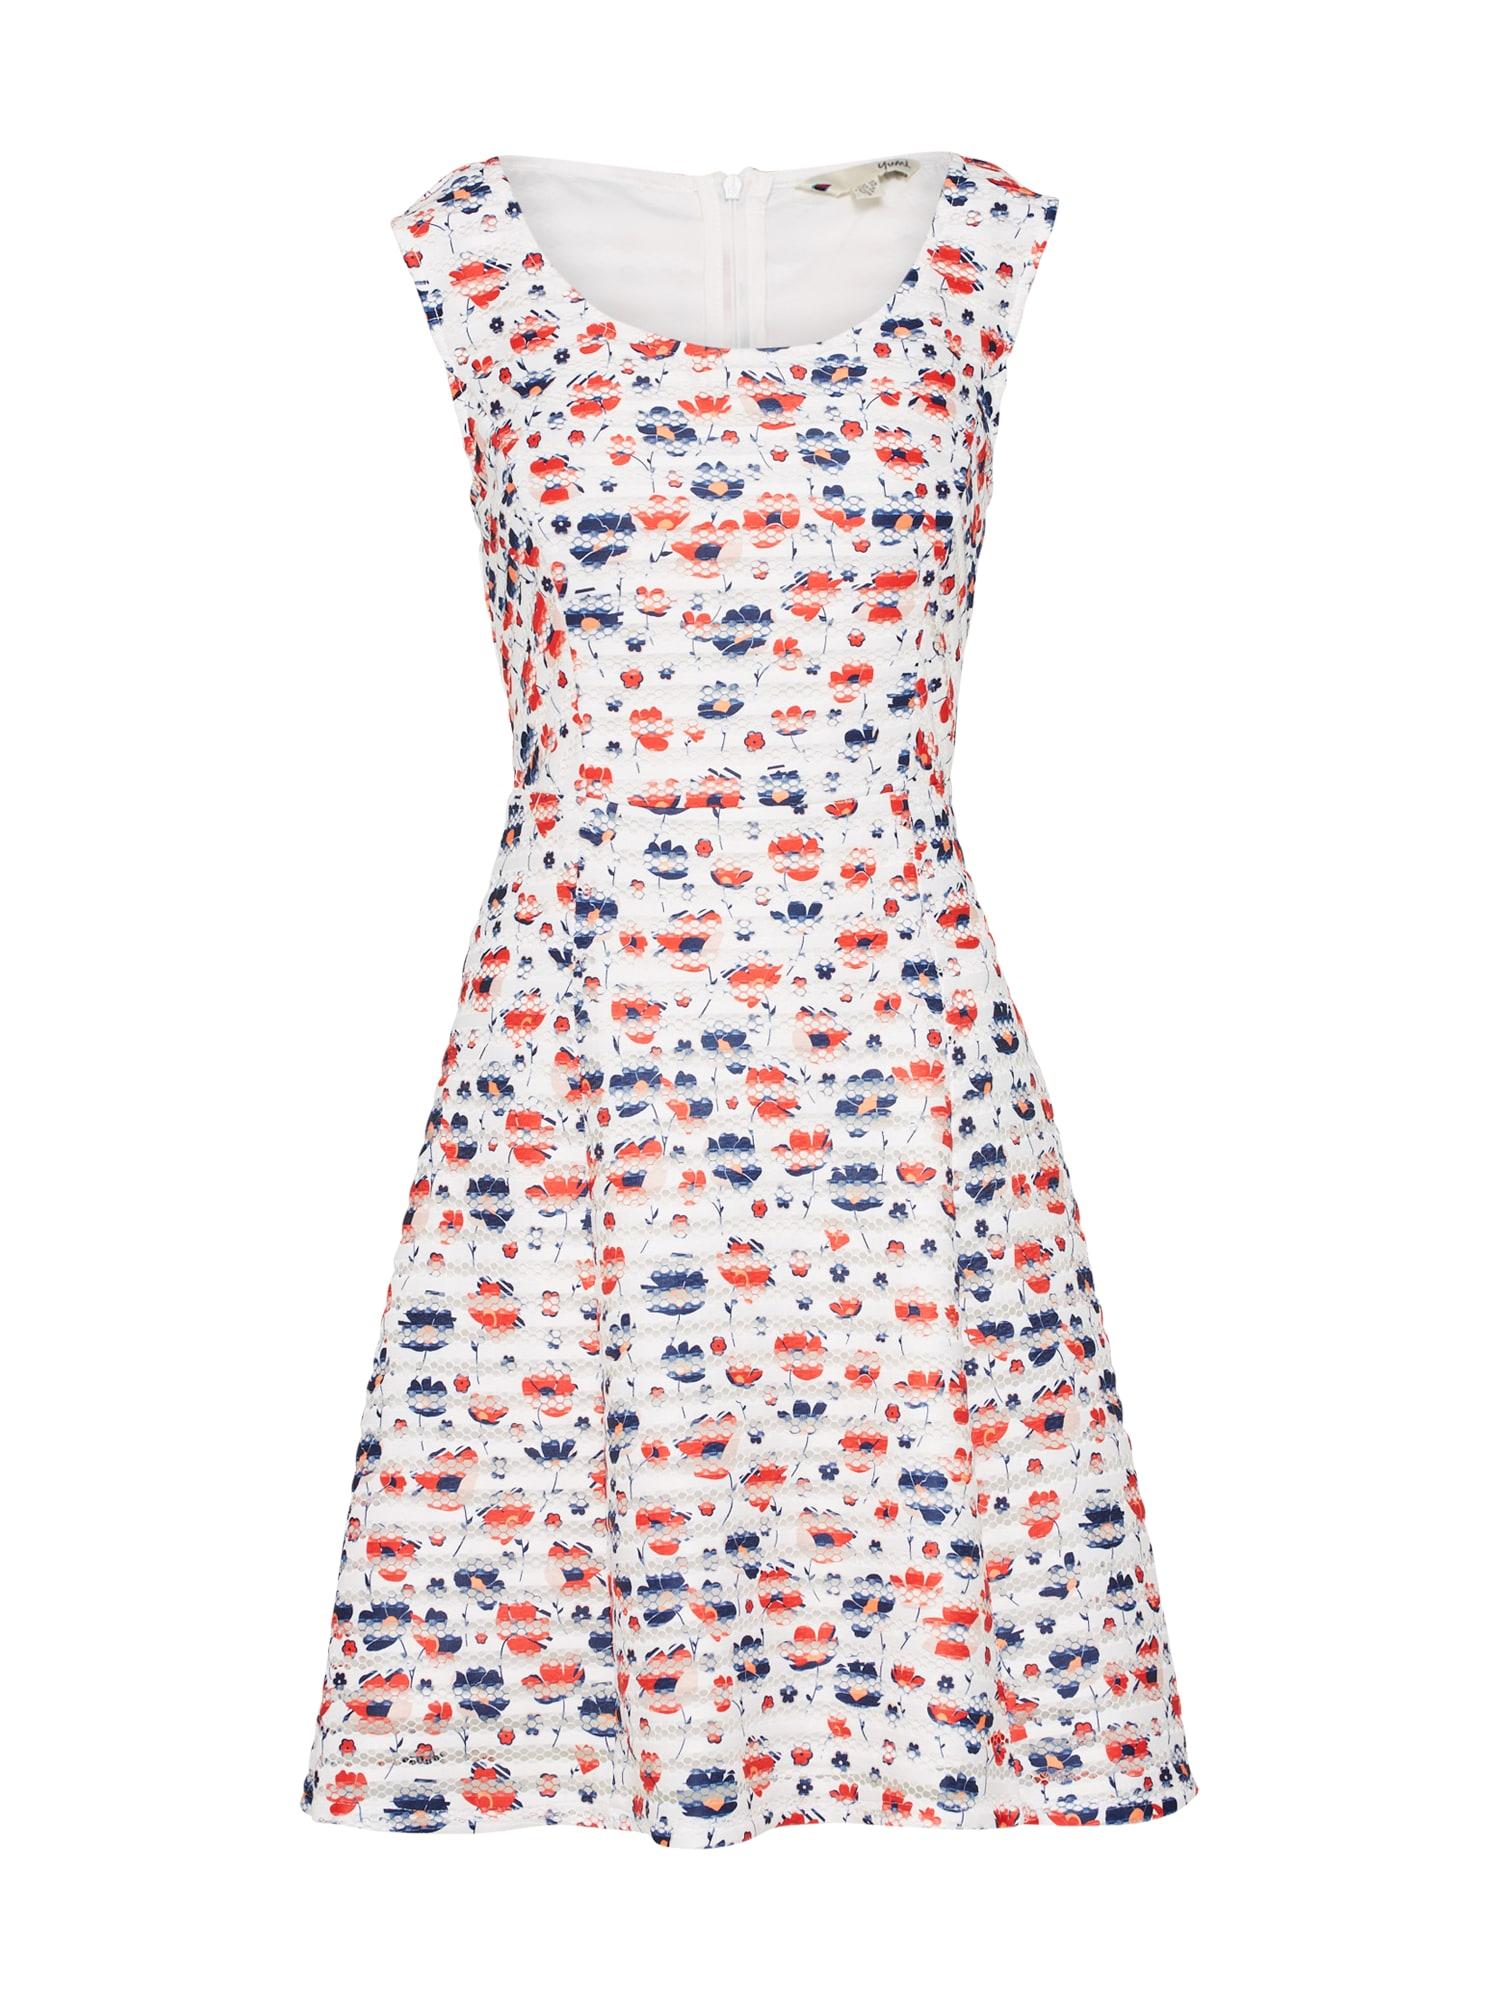 Letní šaty FLORAL FISHNET STRIPE mix barev červená bílá Yumi